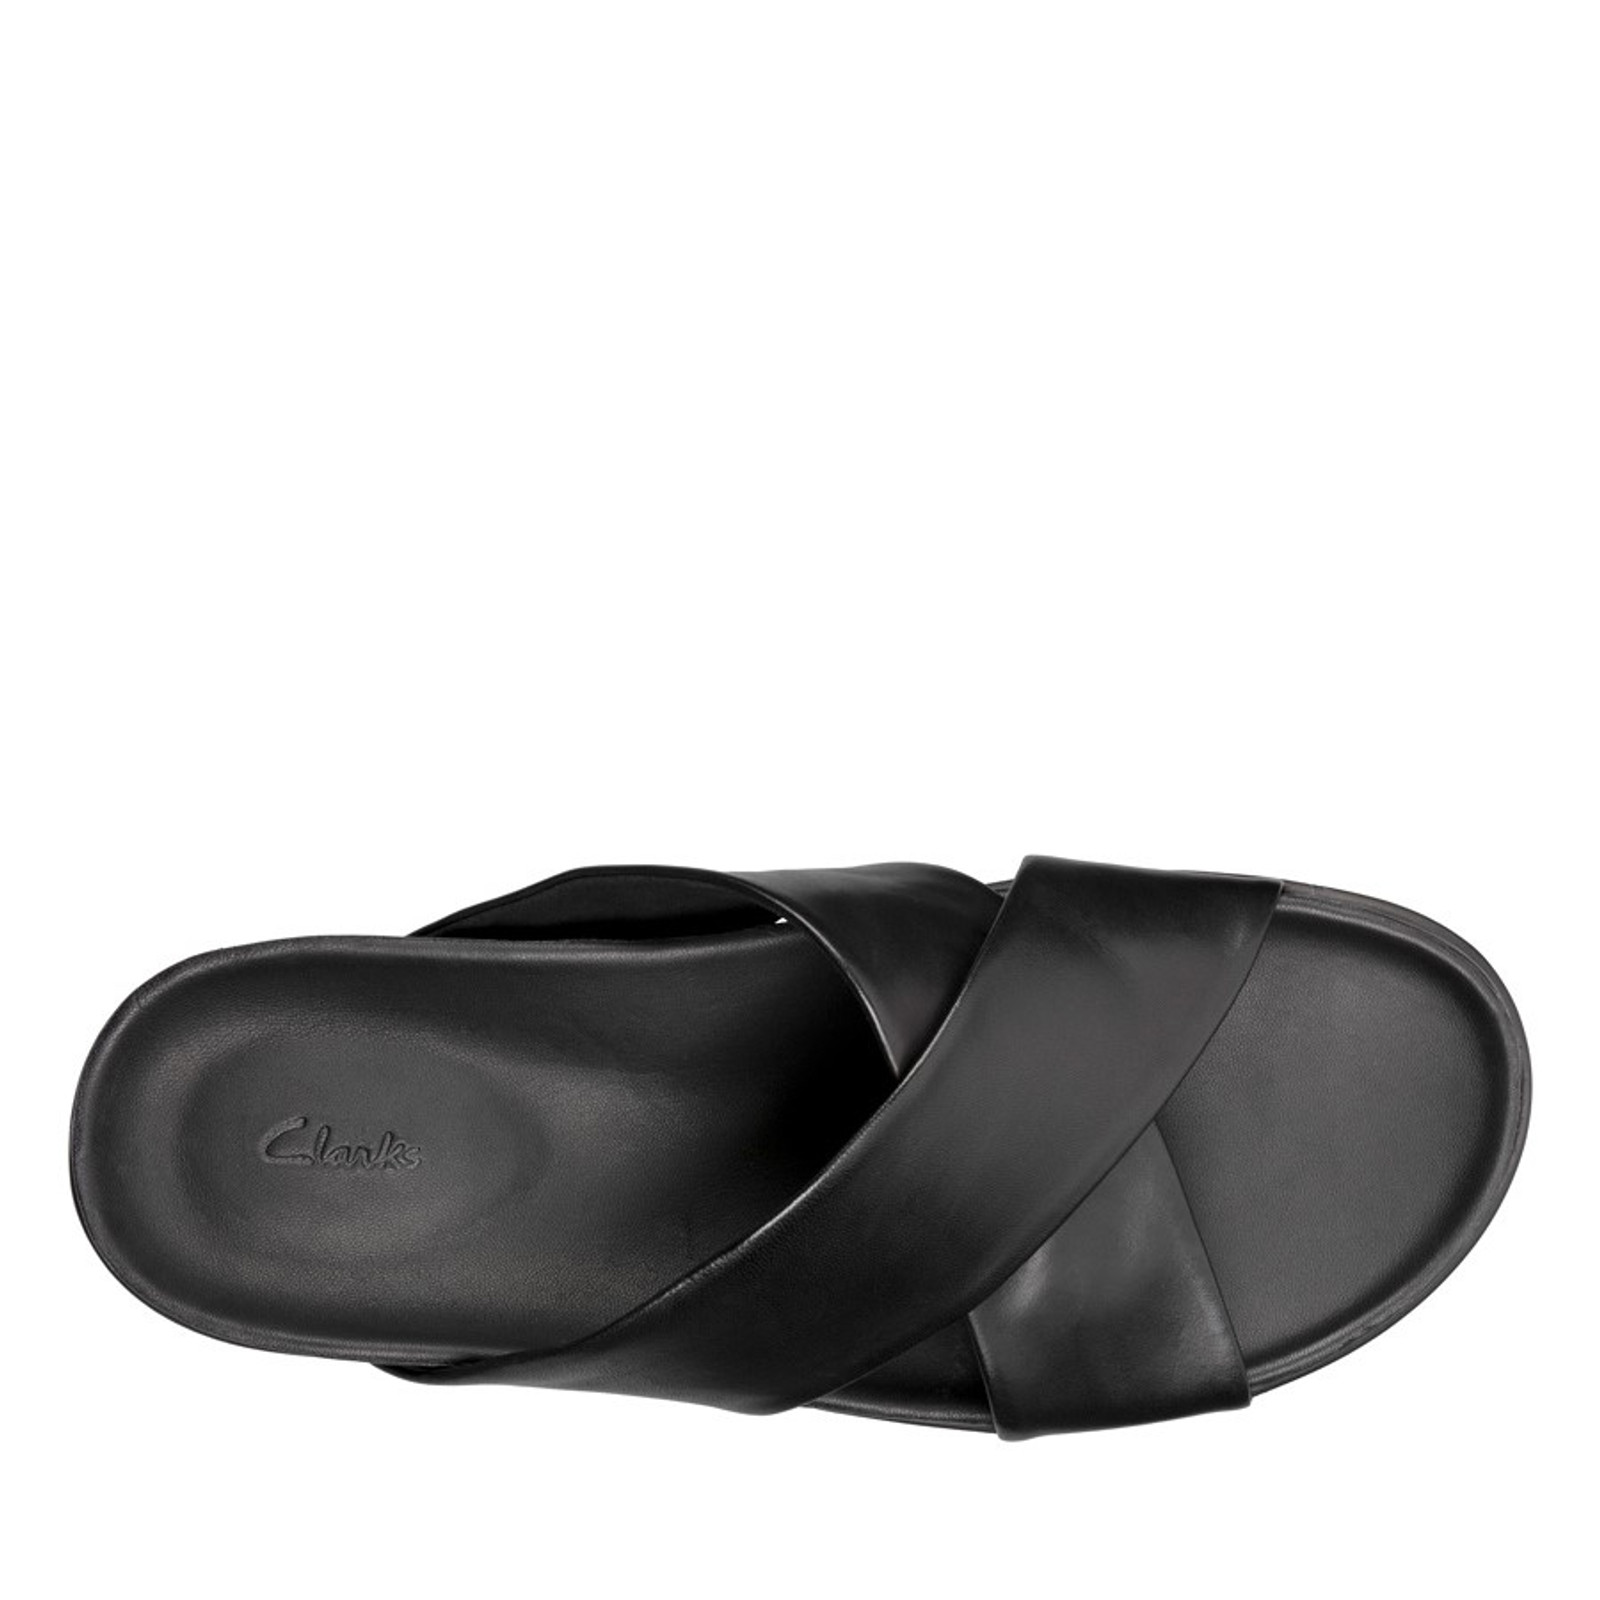 Clarks Mens SUNDER CROSS Black Leather